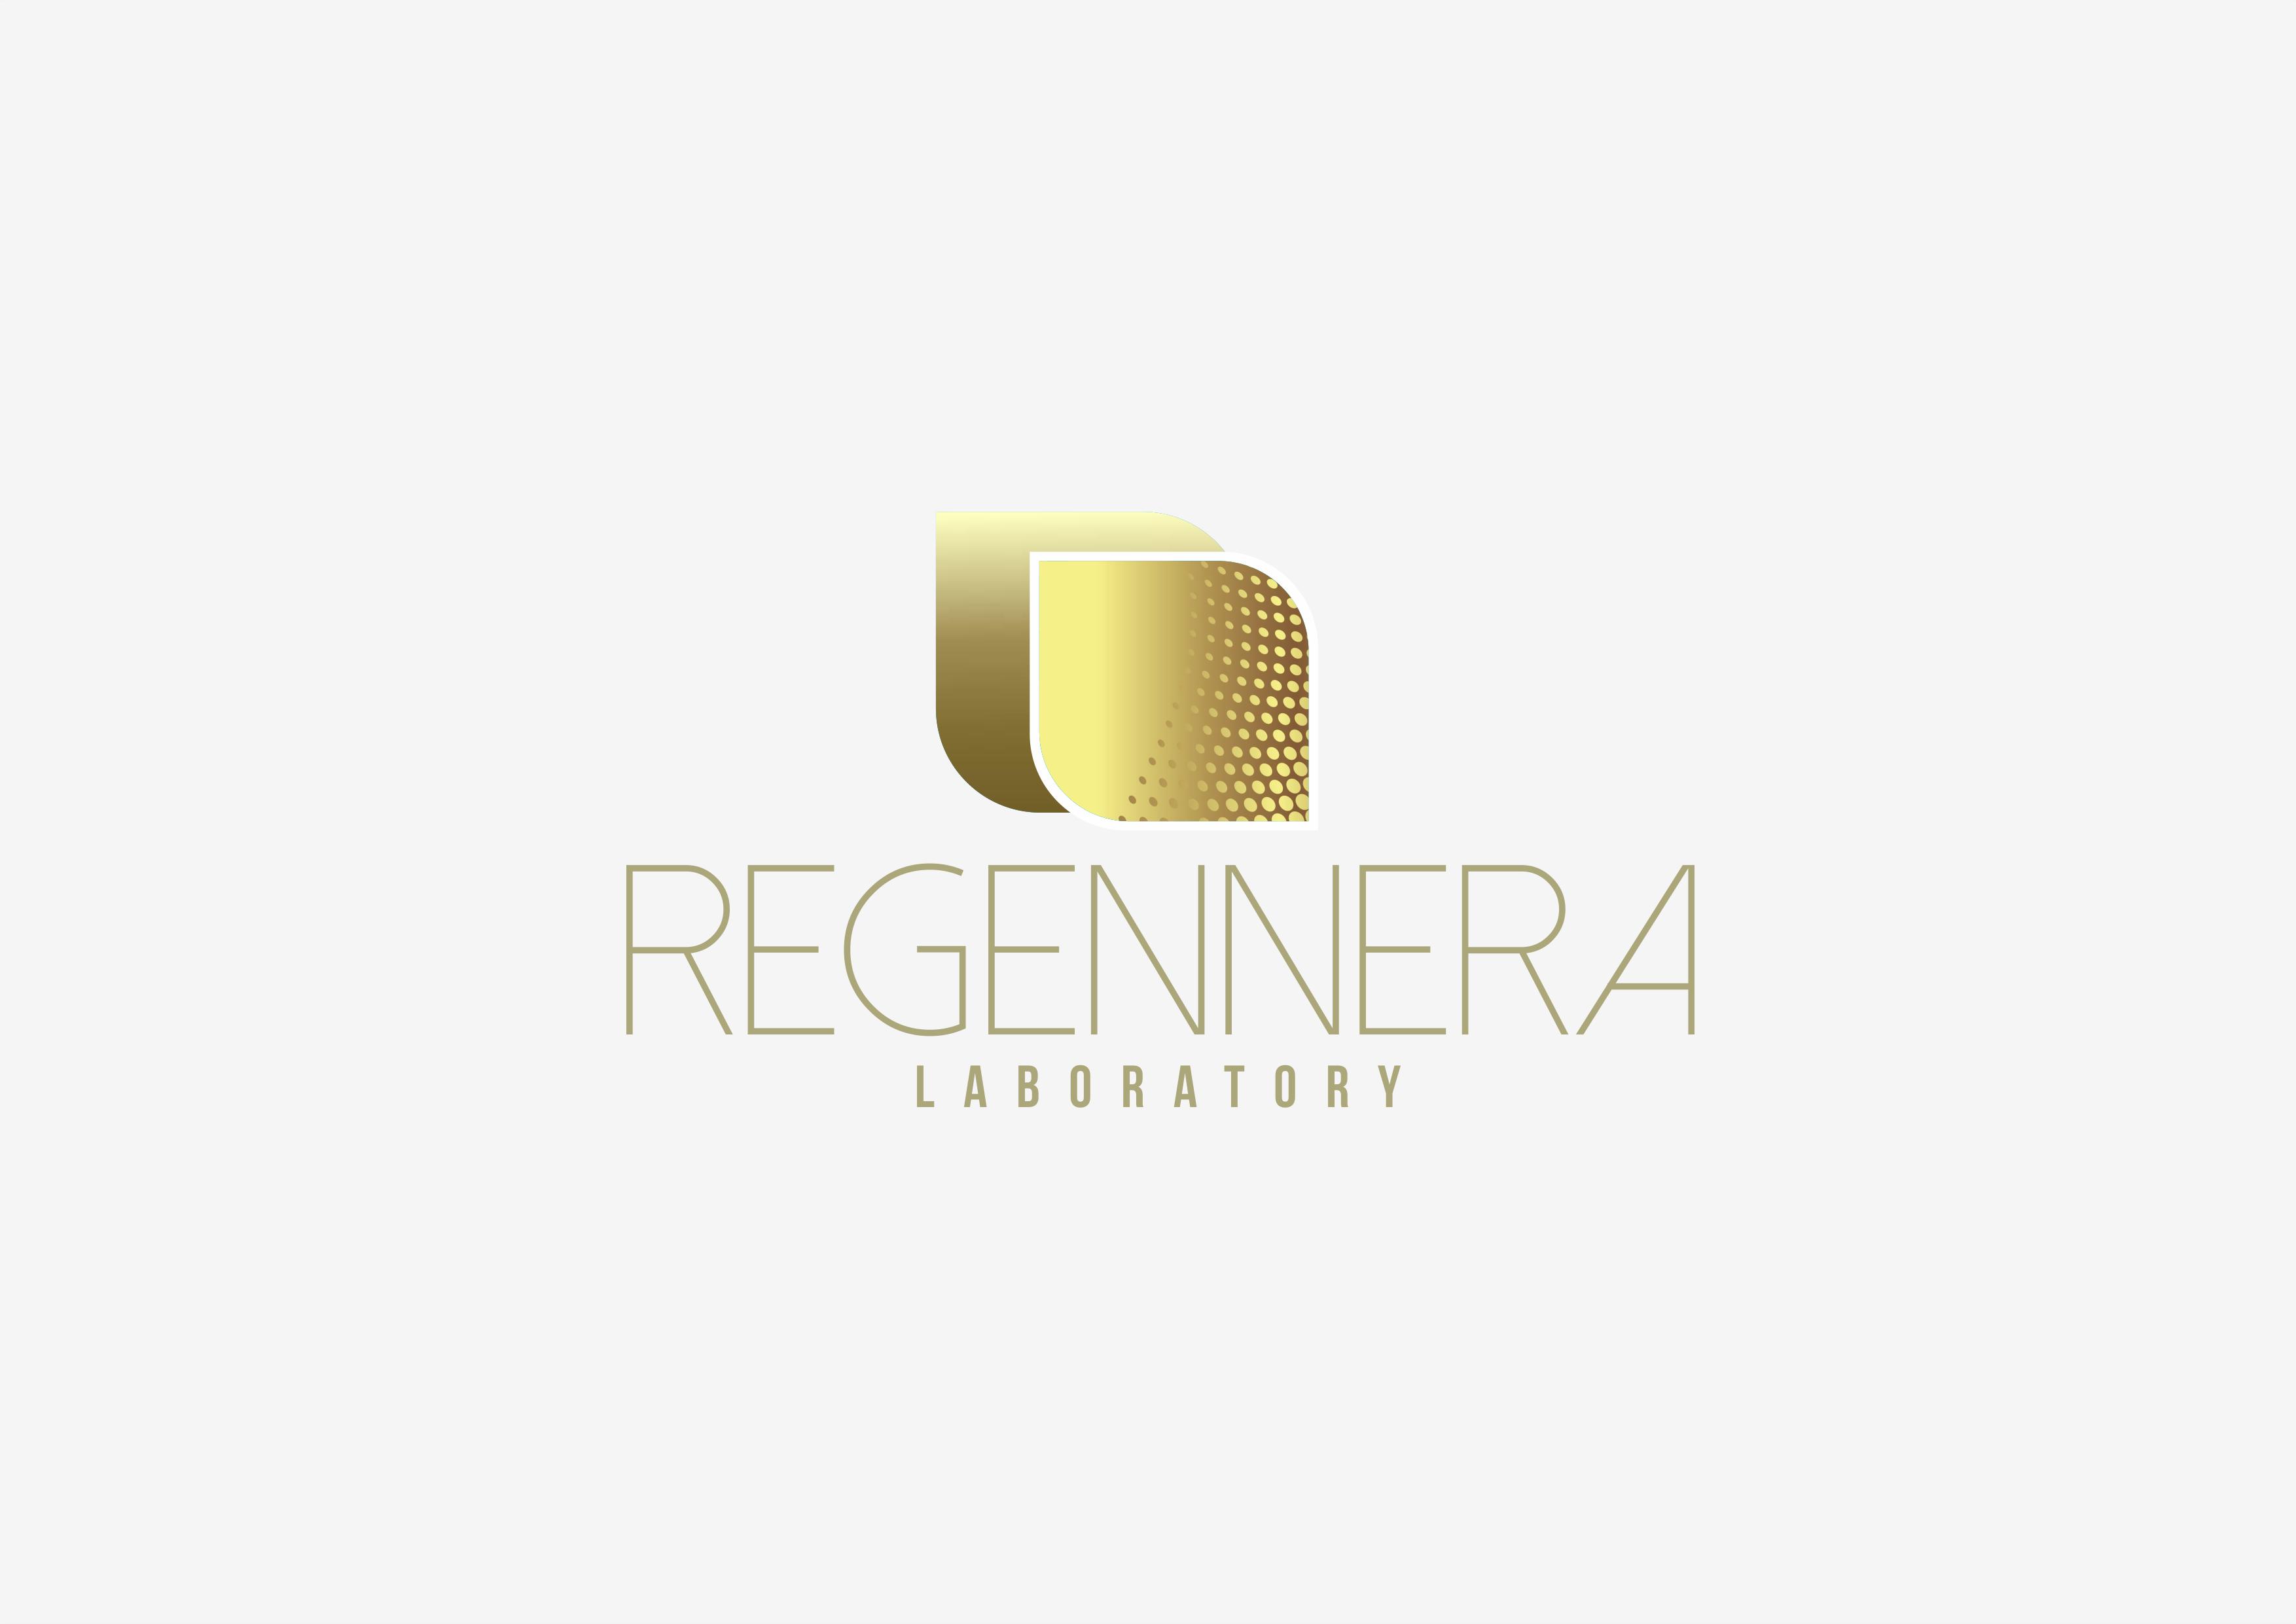 REGENNERA 1